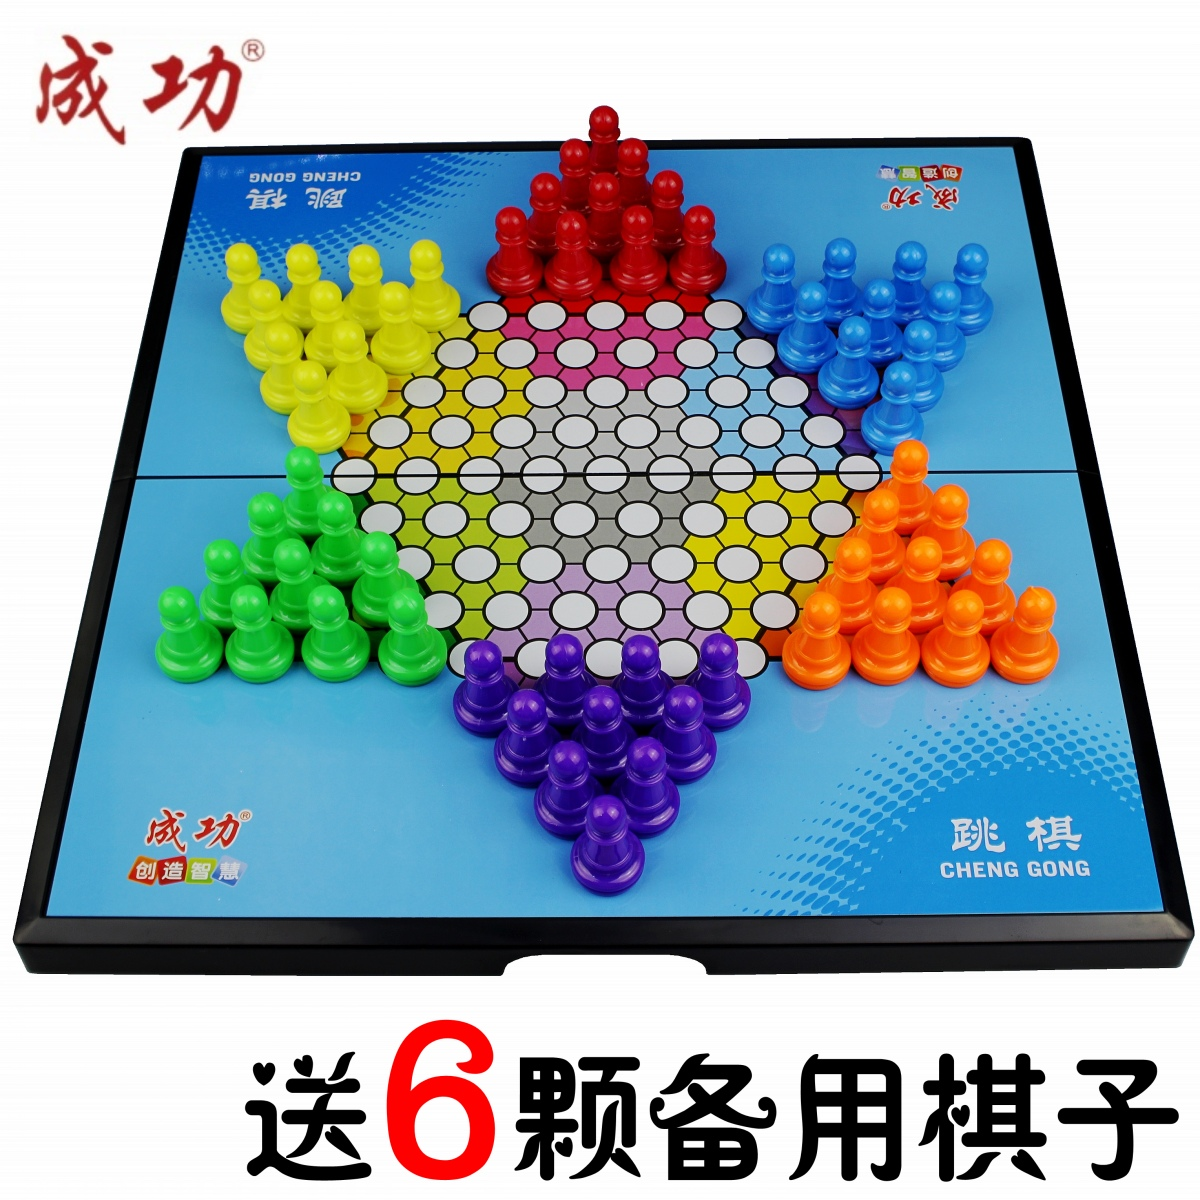 Успех подлинный китай шашки xl для взрослых ребенок магнитный портативный сложить шахматная доска установите головоломка бесплатная доставка